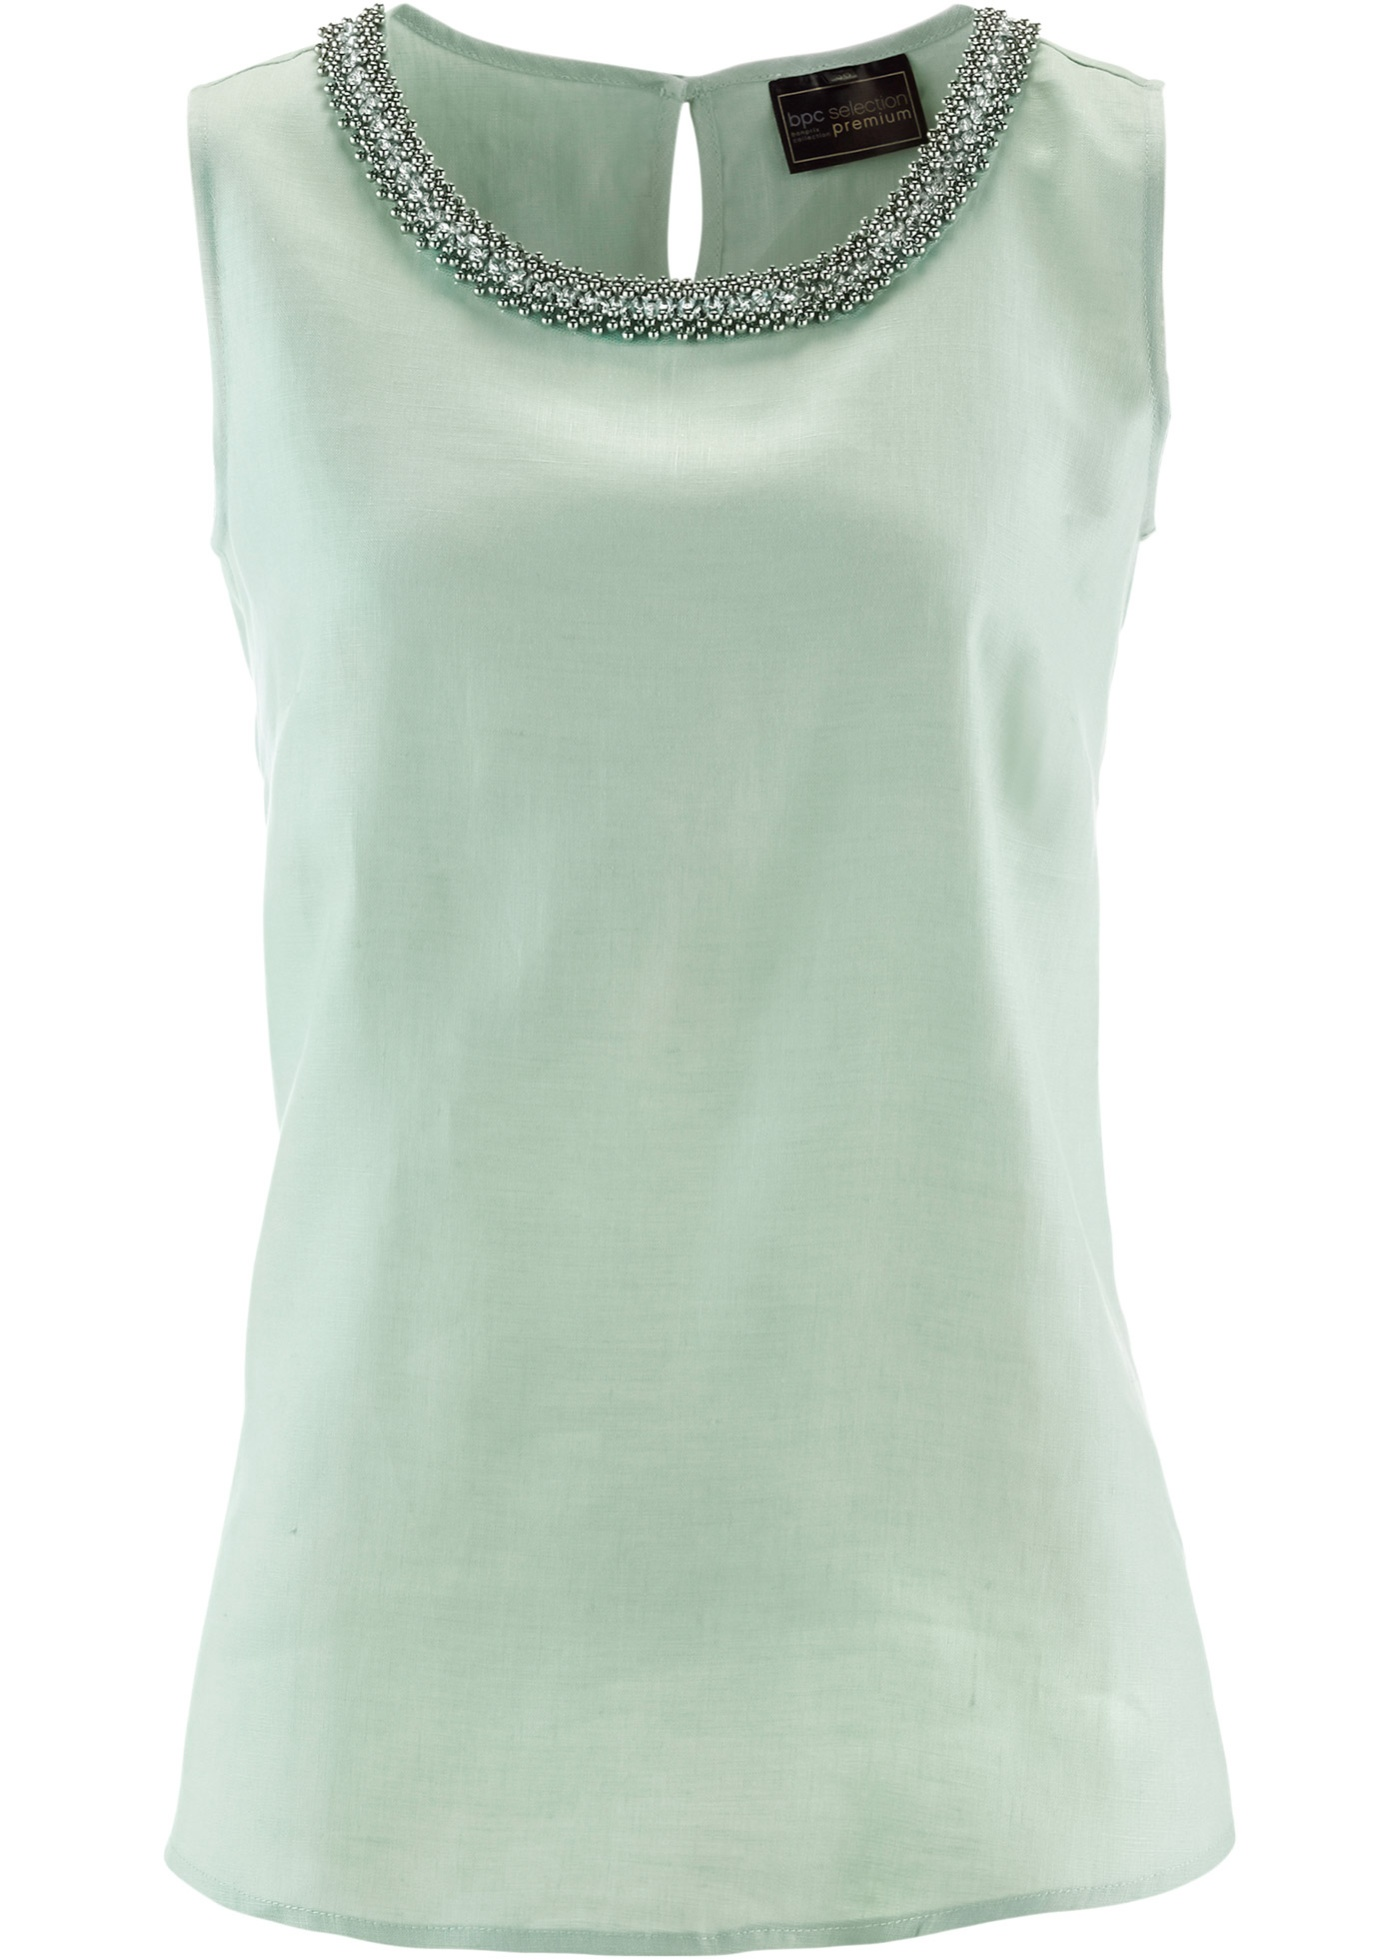 Blusa de linho com pedrarias verde sem mangas com decote redondo